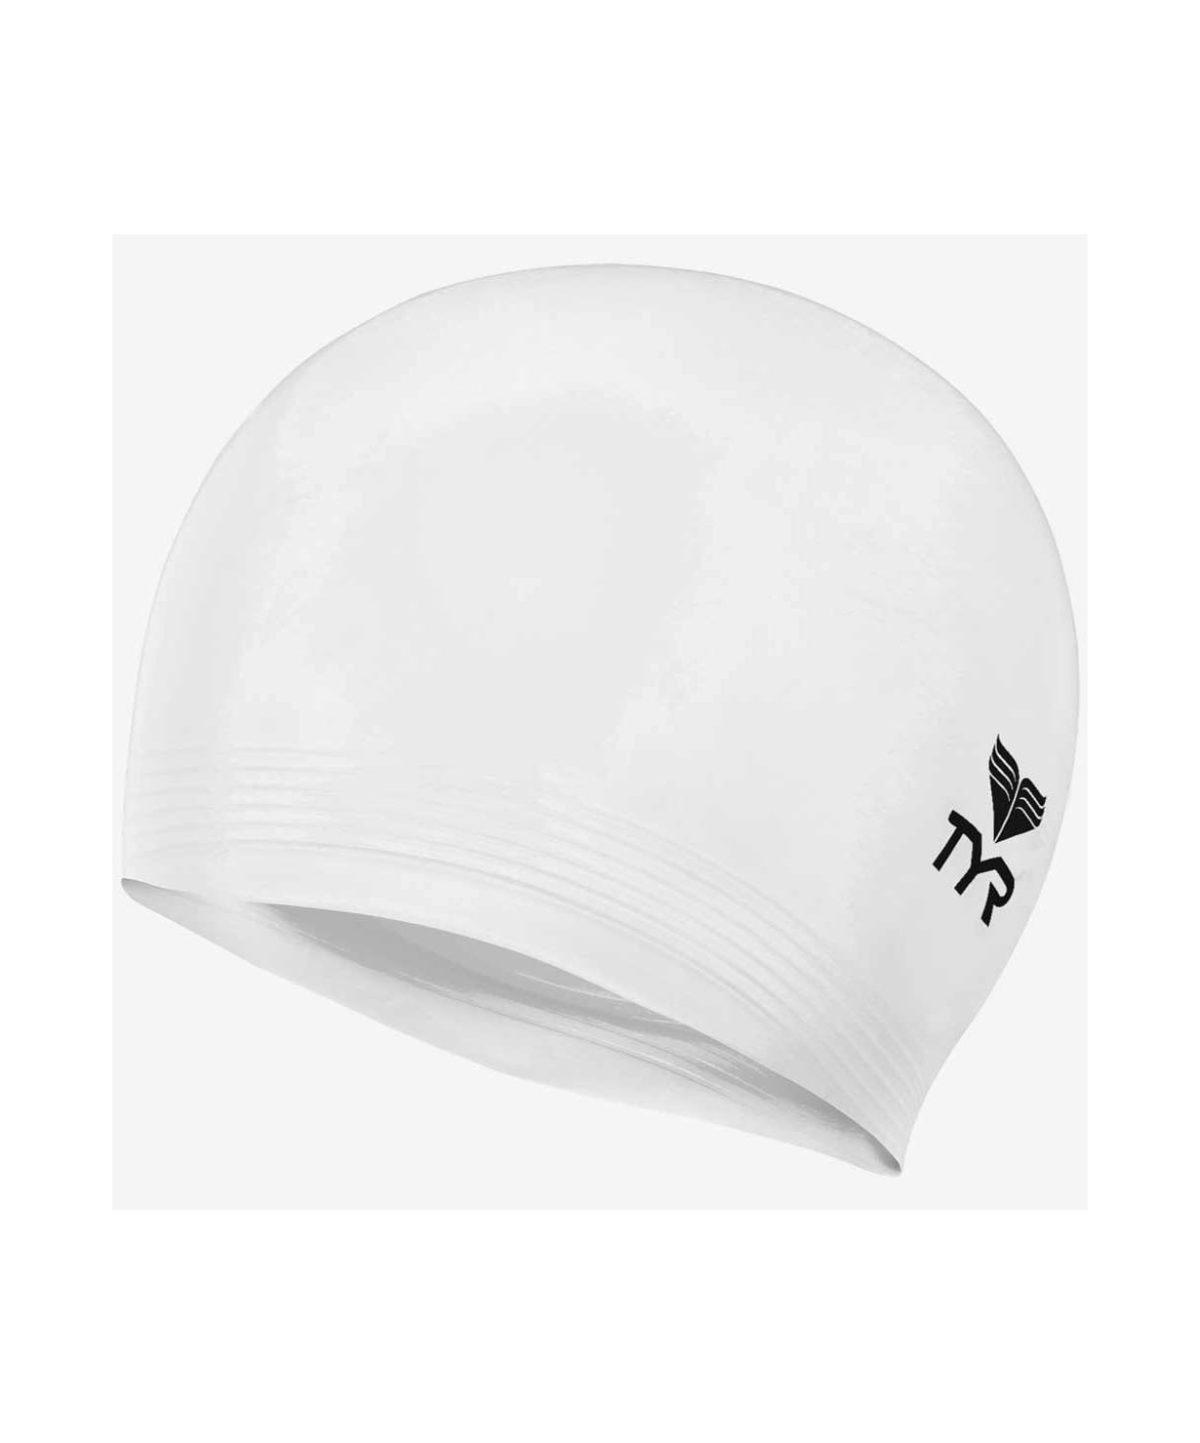 TYR Latex Swim Cap Шапочка для плавания латекс  LCL: белый - 1